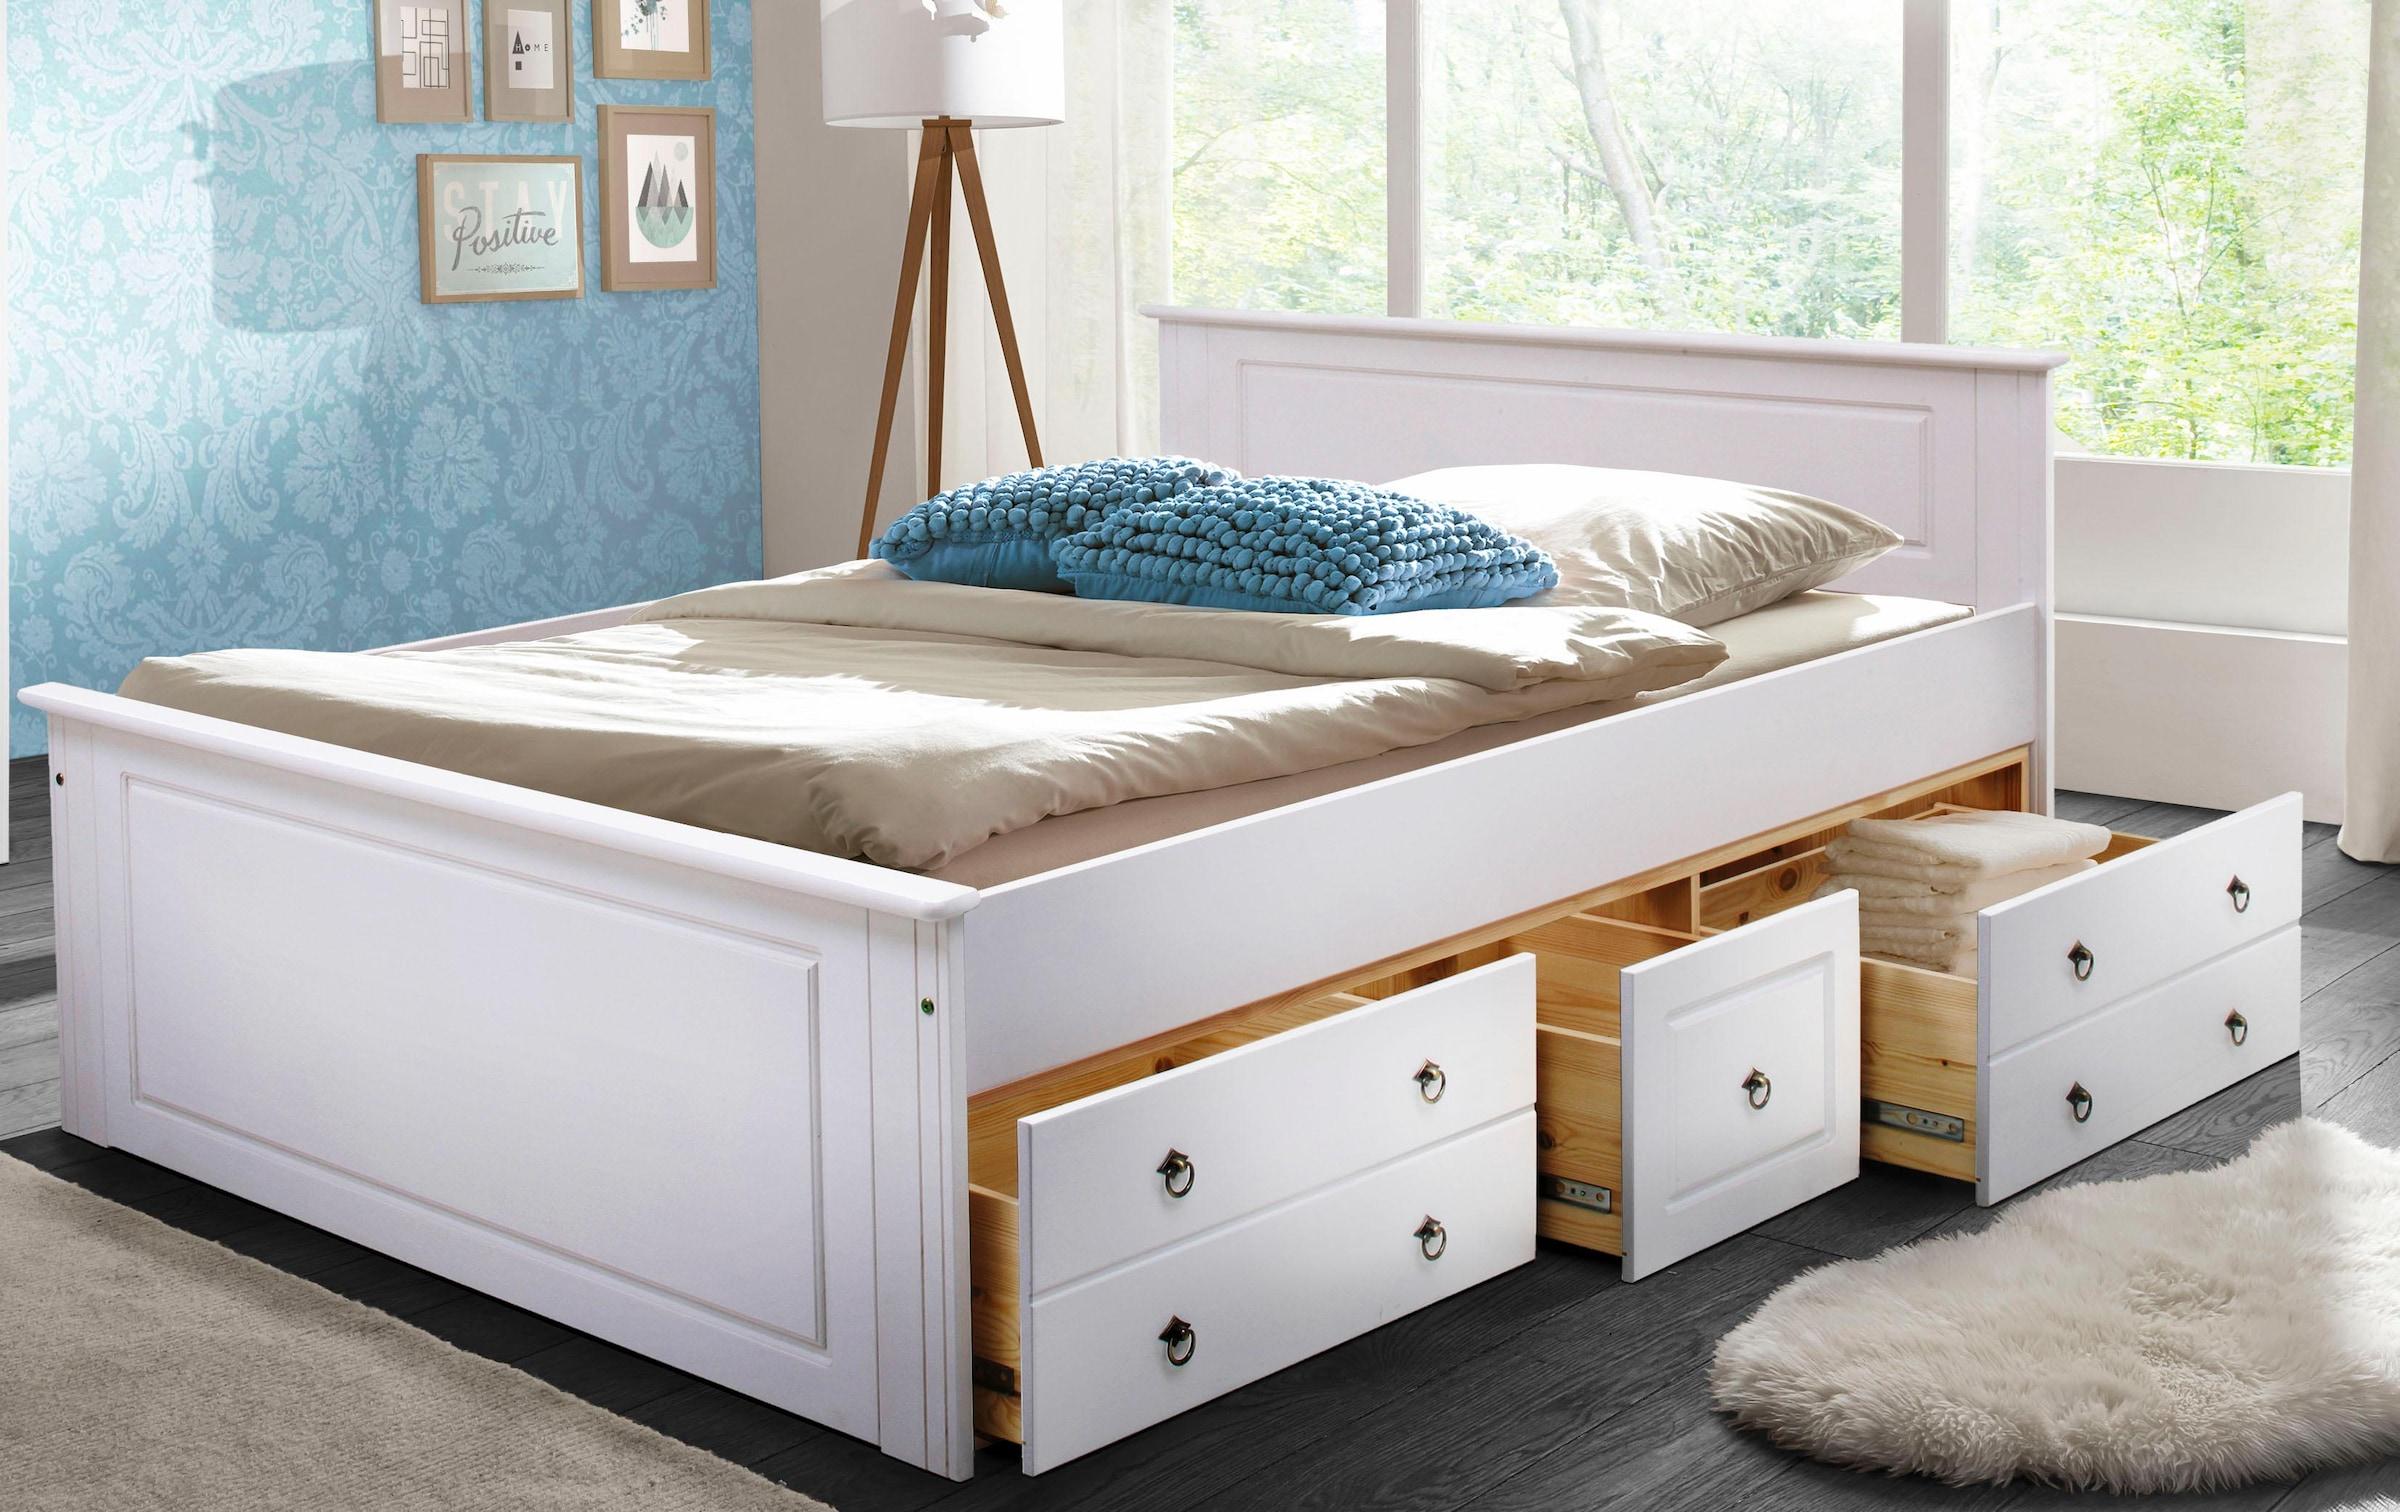 Tjørnbo easy sleep funktionsbett eiche geölt möbel letz ihr